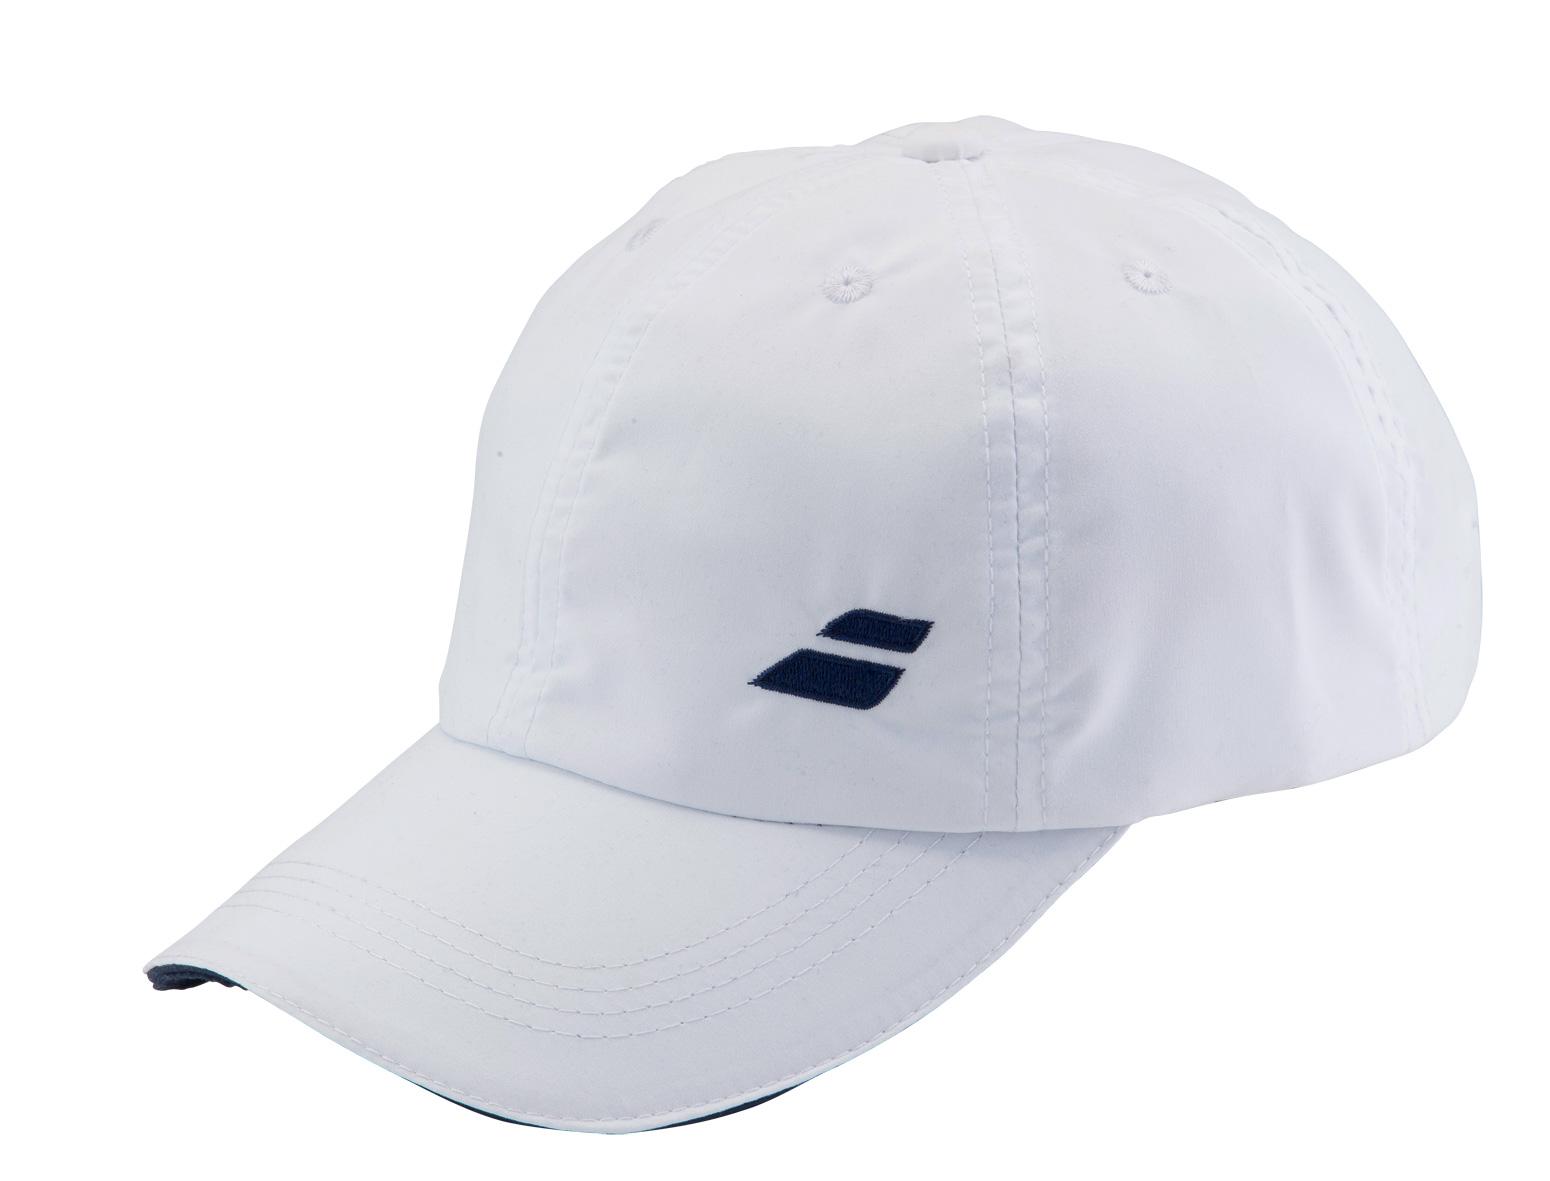 Babolat Cap Basic White 2017